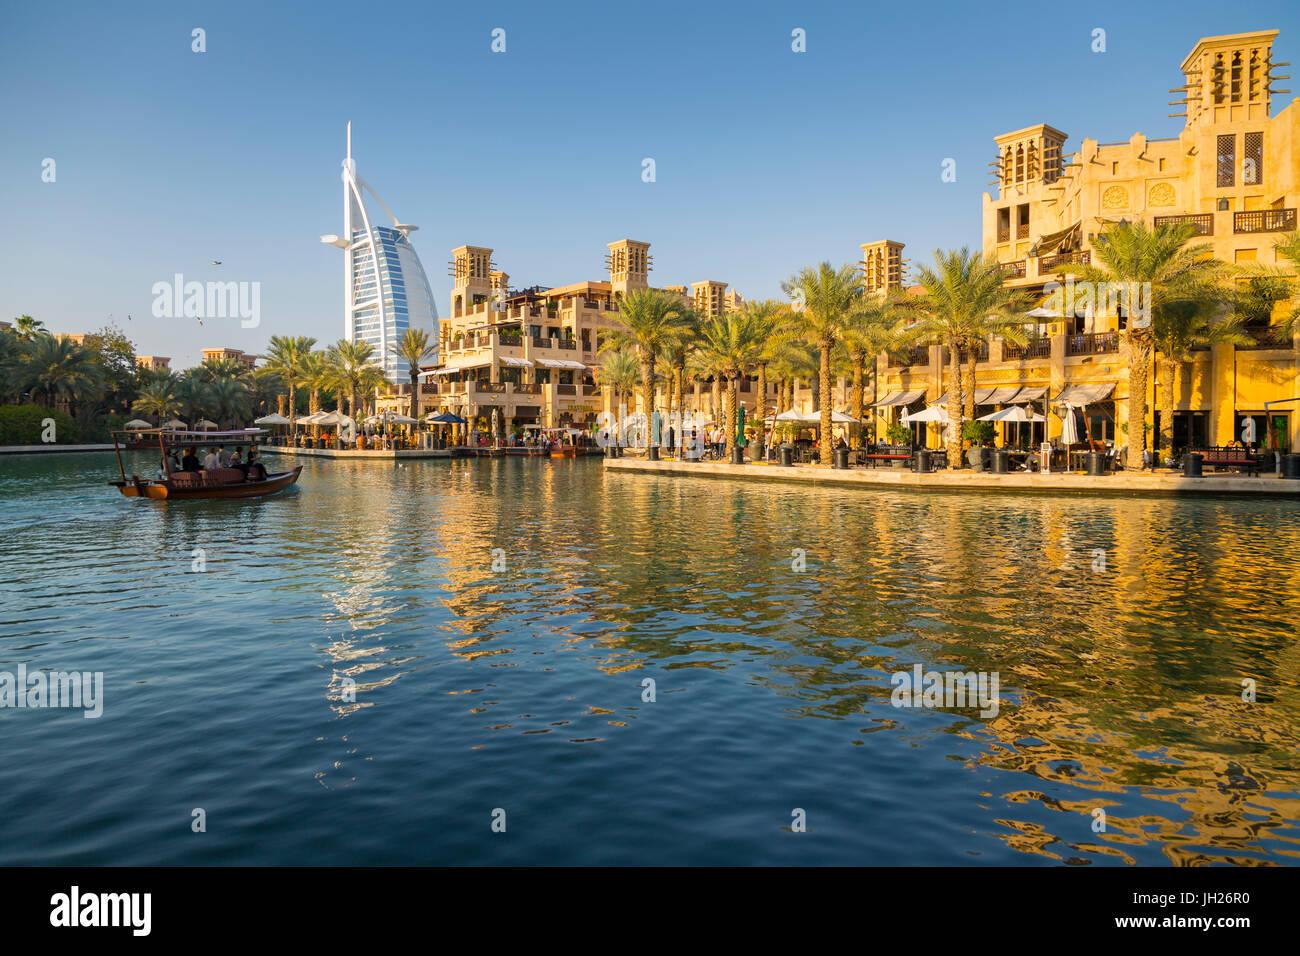 Blick auf Burj Al Arab von Madinat Jumeirah, Dubai, Vereinigte Arabische Emirate, Naher Osten Stockbild